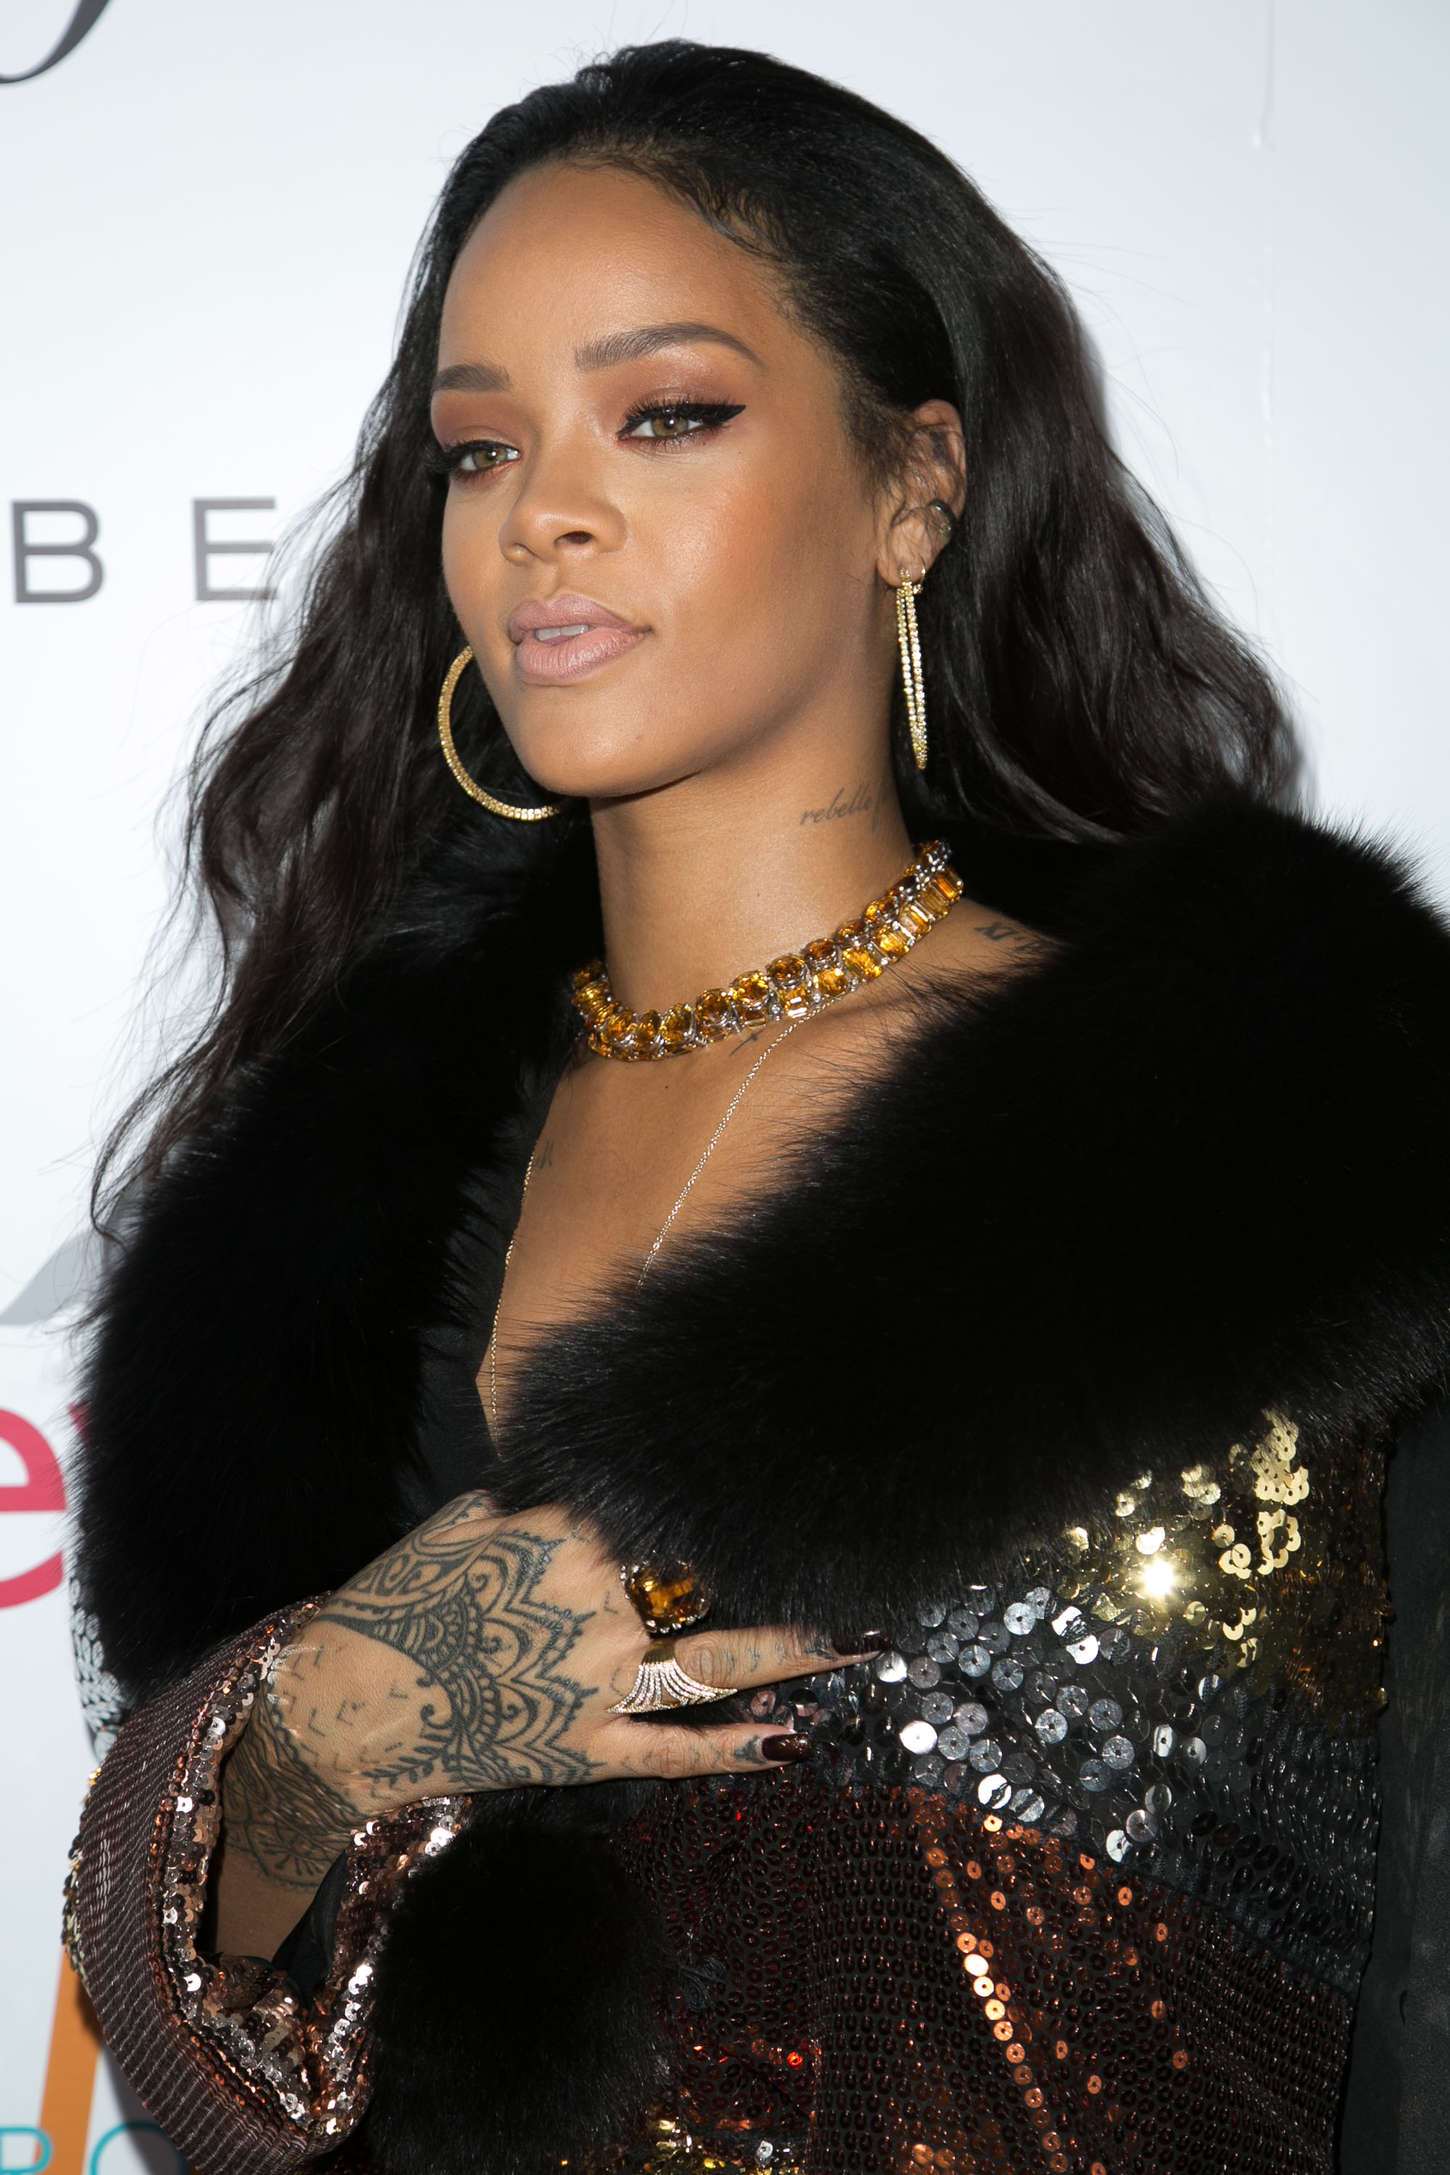 Khung hình quyền lực quy tụ toàn nhân vật máu mặt: Tỷ phú Rihanna và Kanye West chễm chệ, nhìn dàn sao ngồi cạnh mà choáng - Ảnh 10.